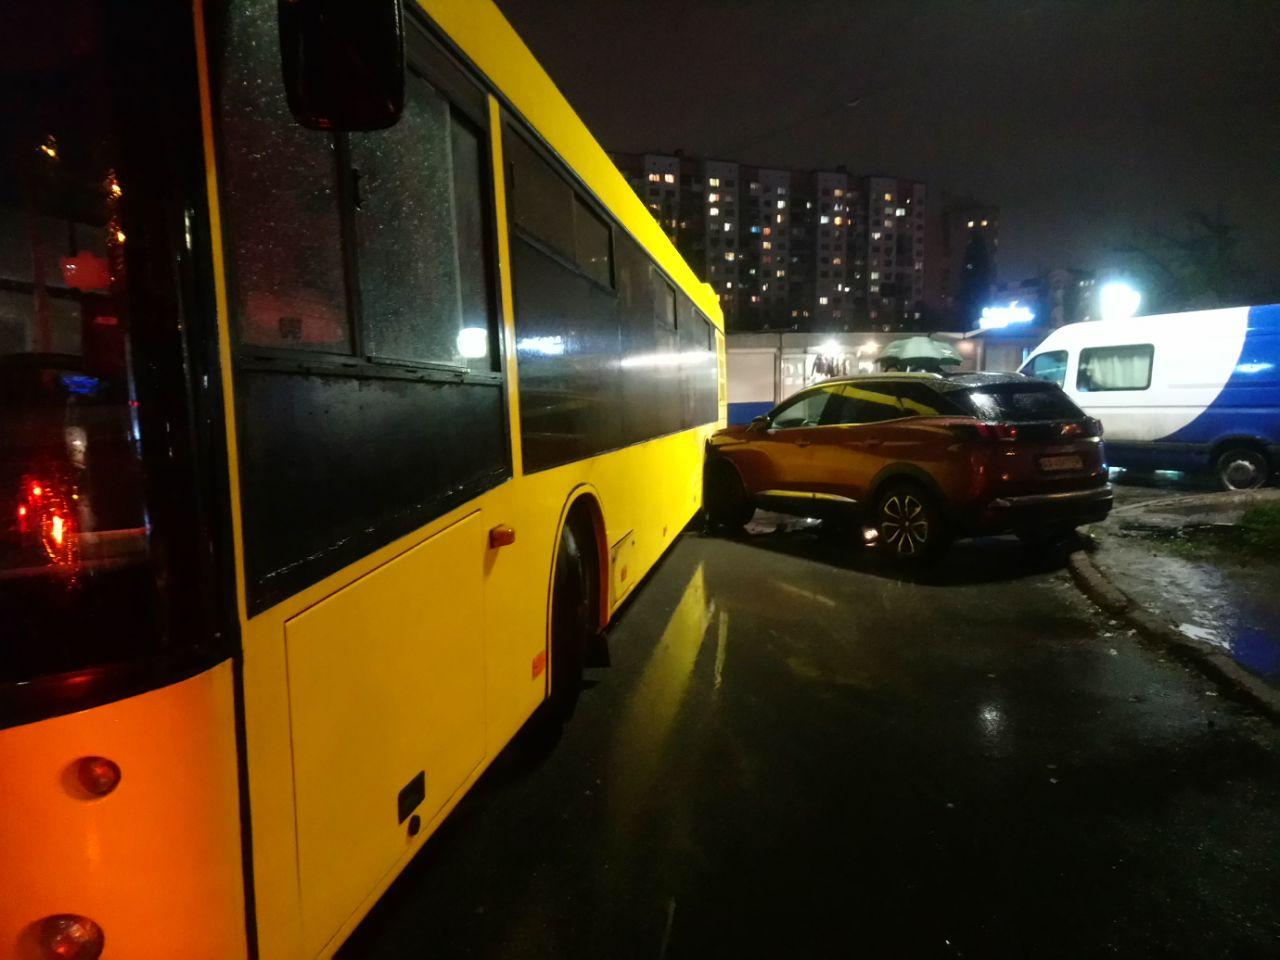 Курйозна ДТП: автобус не зміг об'їхати героя парковки - паркування, ДТП, автобус - IMG 20201120 194527 000